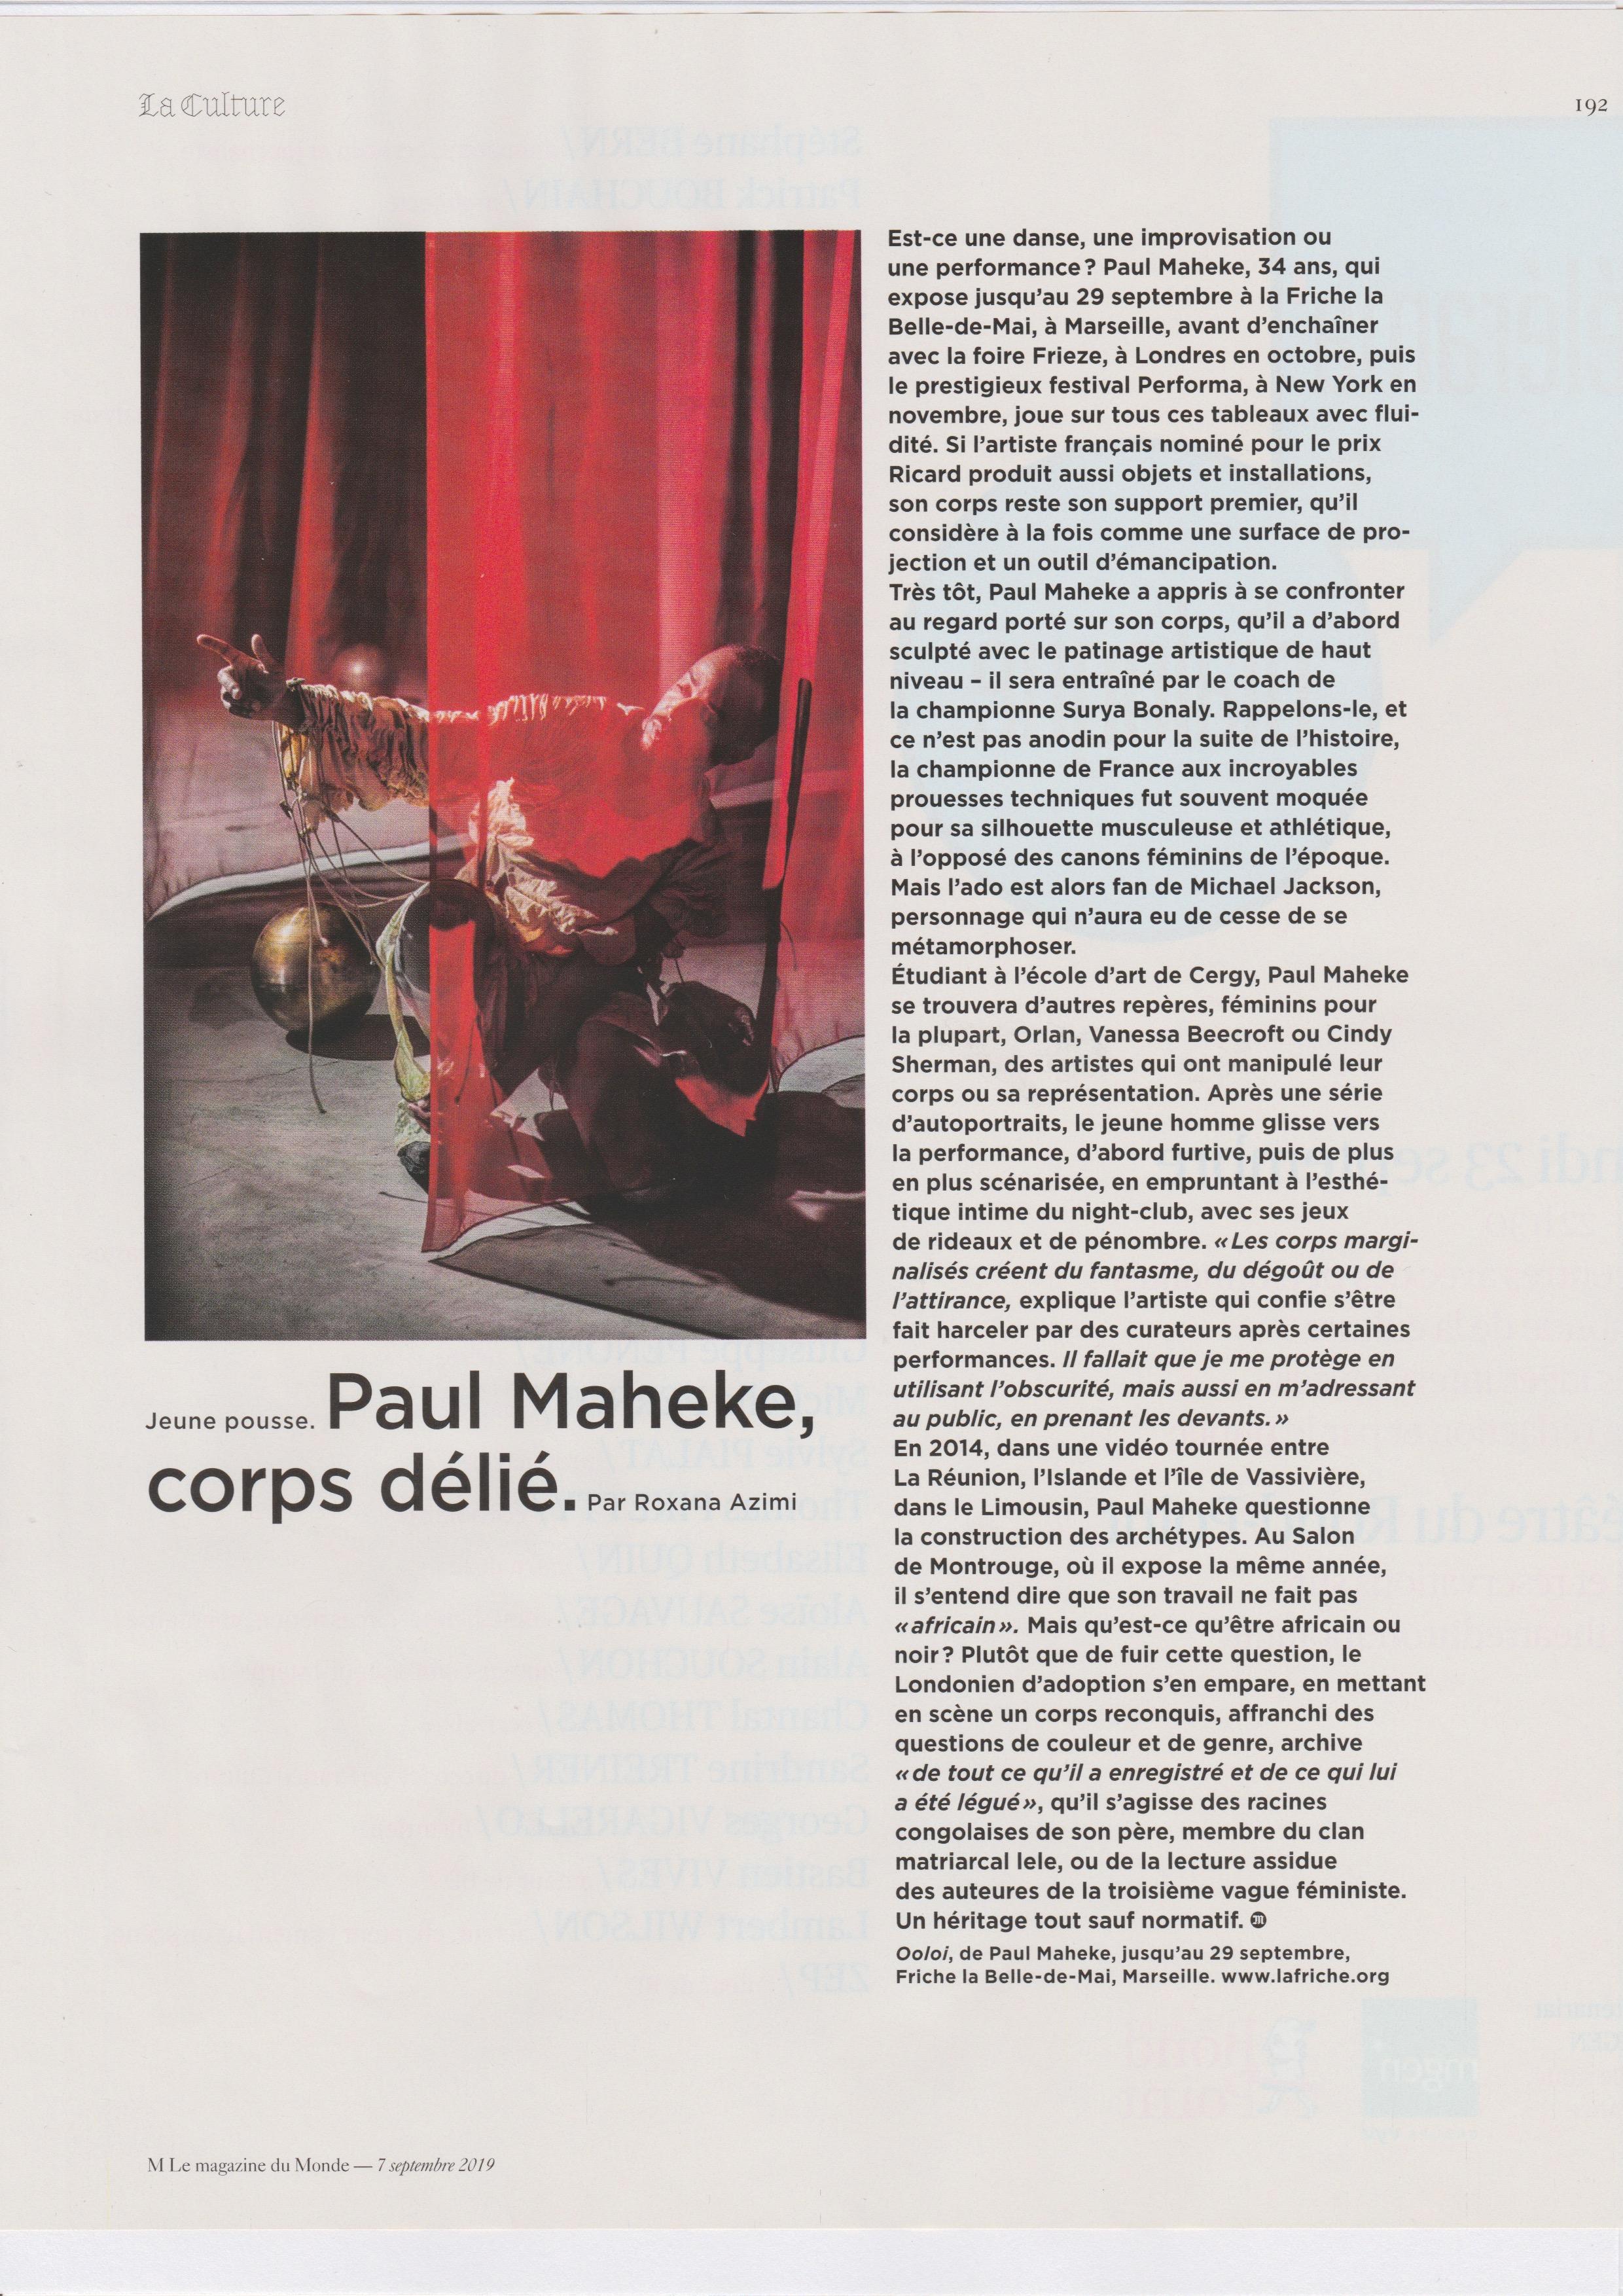 Paul Maheke — Mmagazine 2019